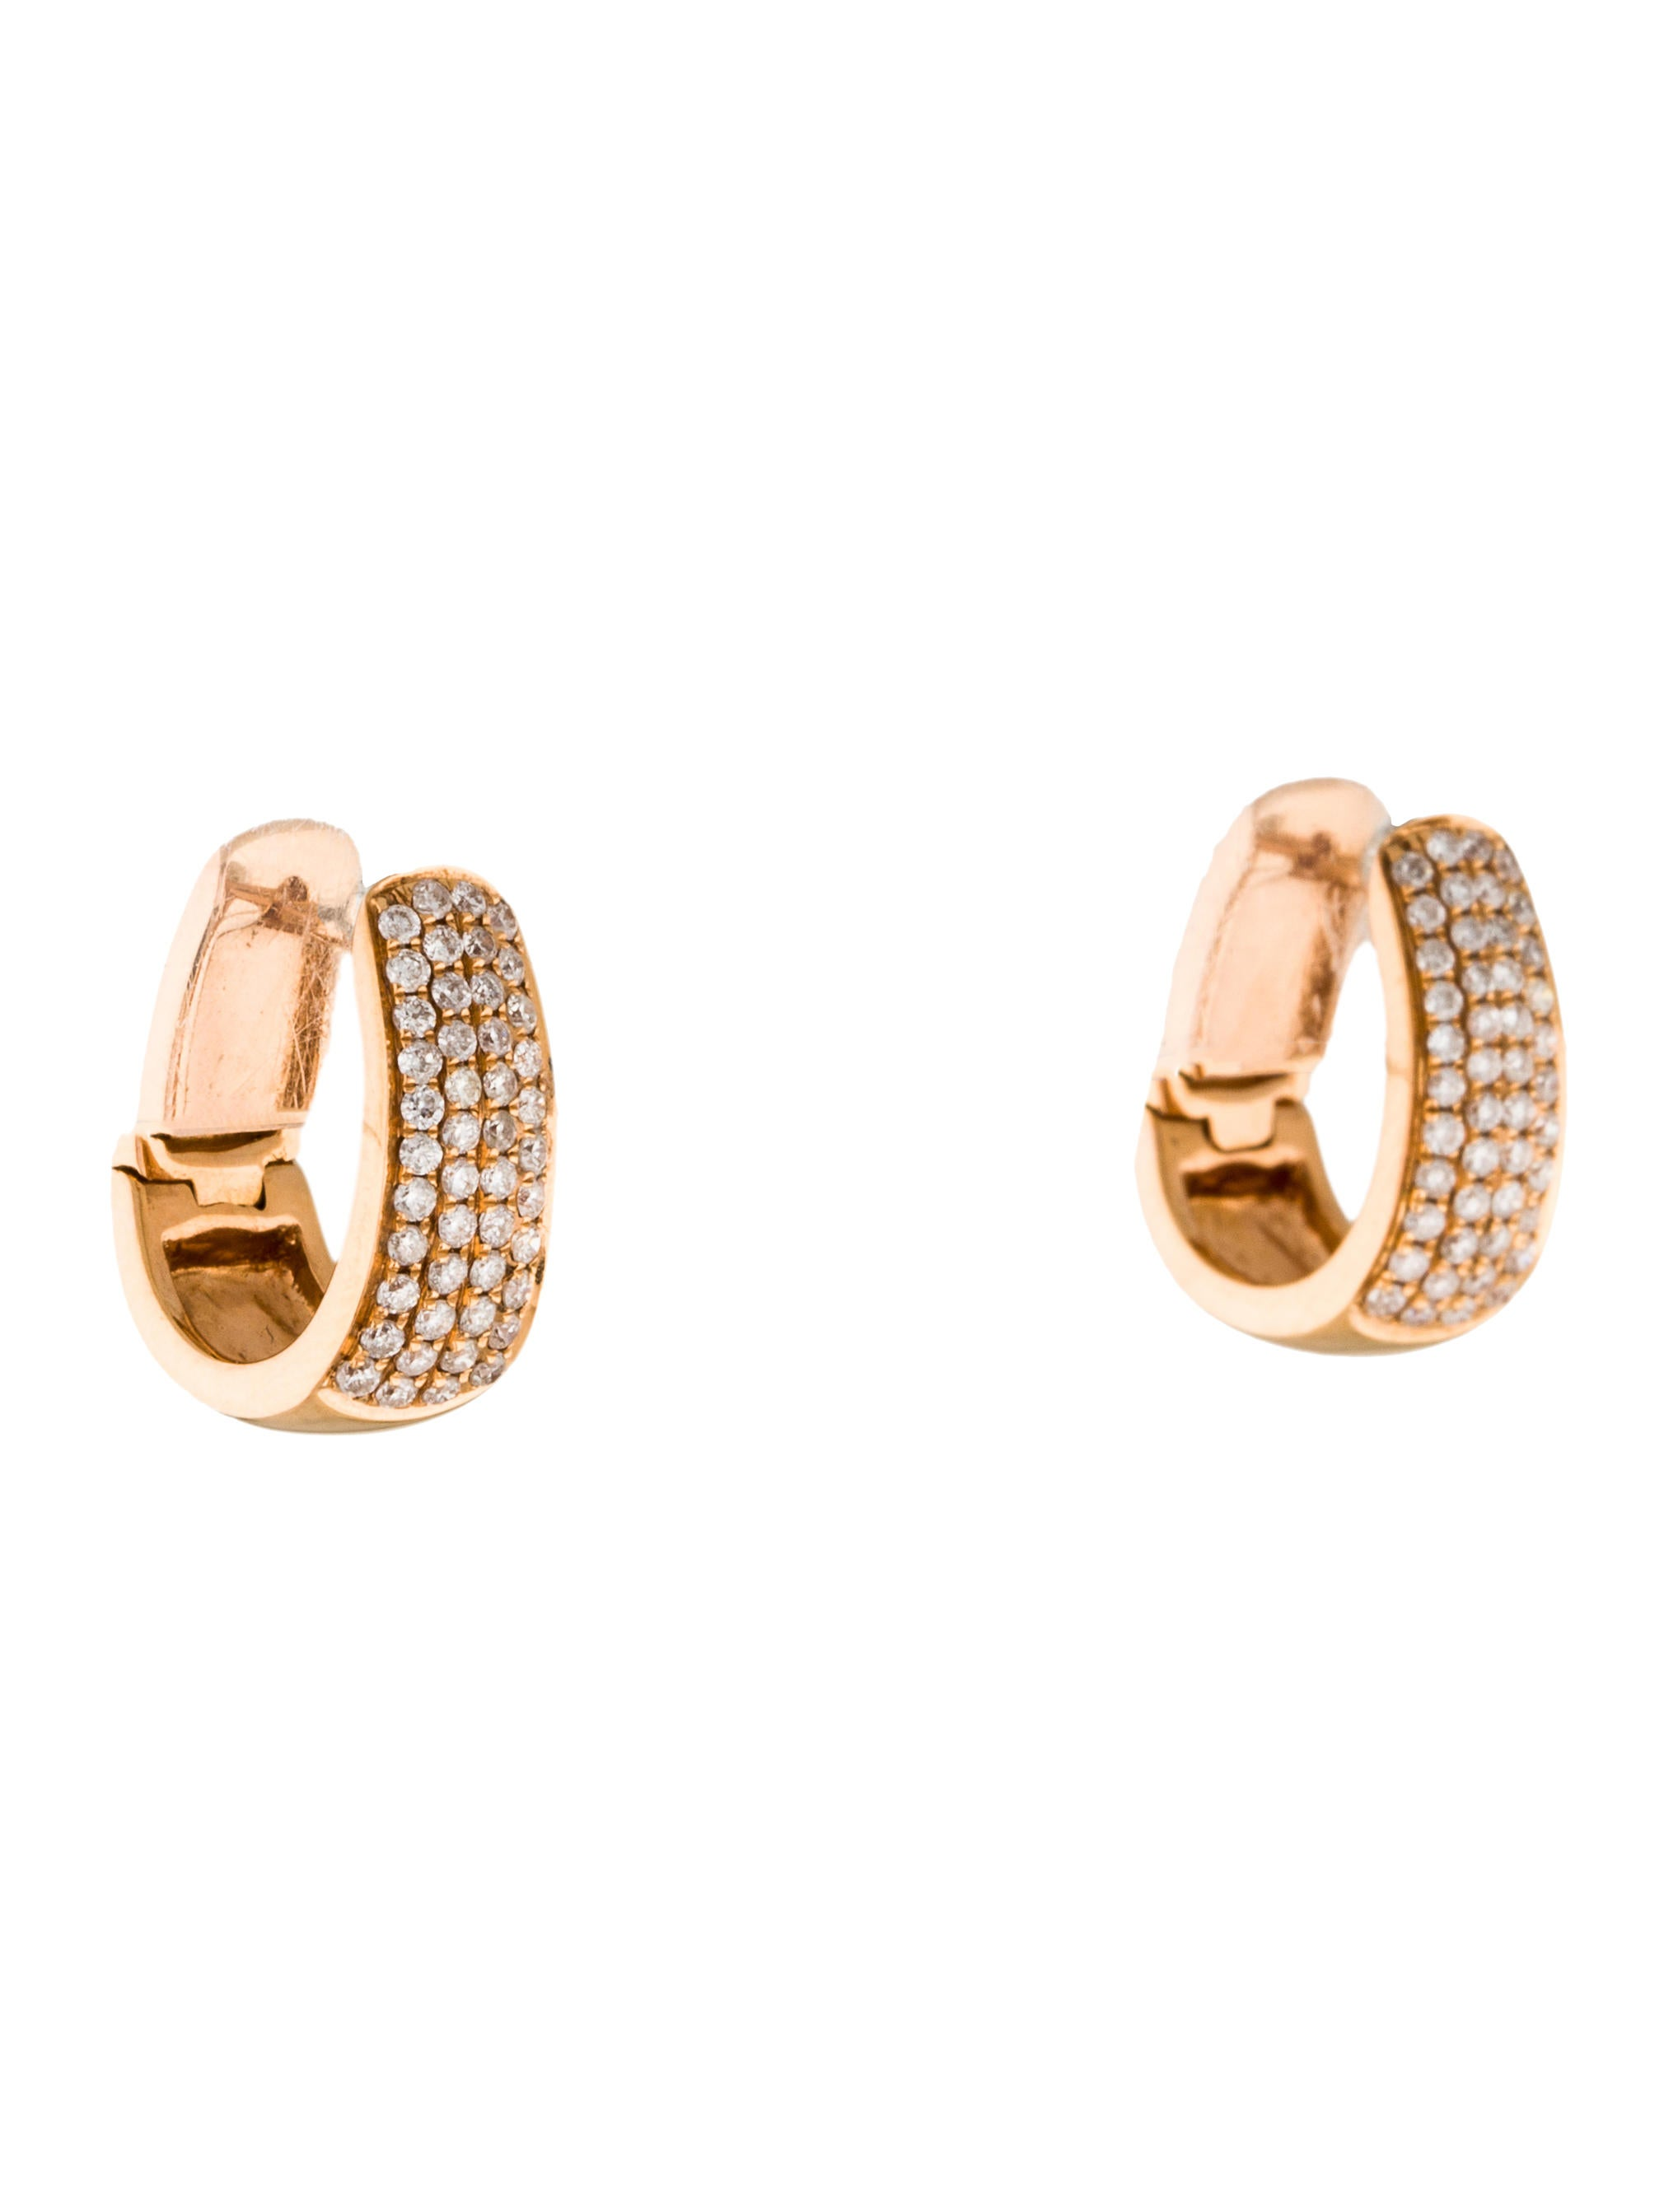 18k huggie earrings earrings earri33189 the